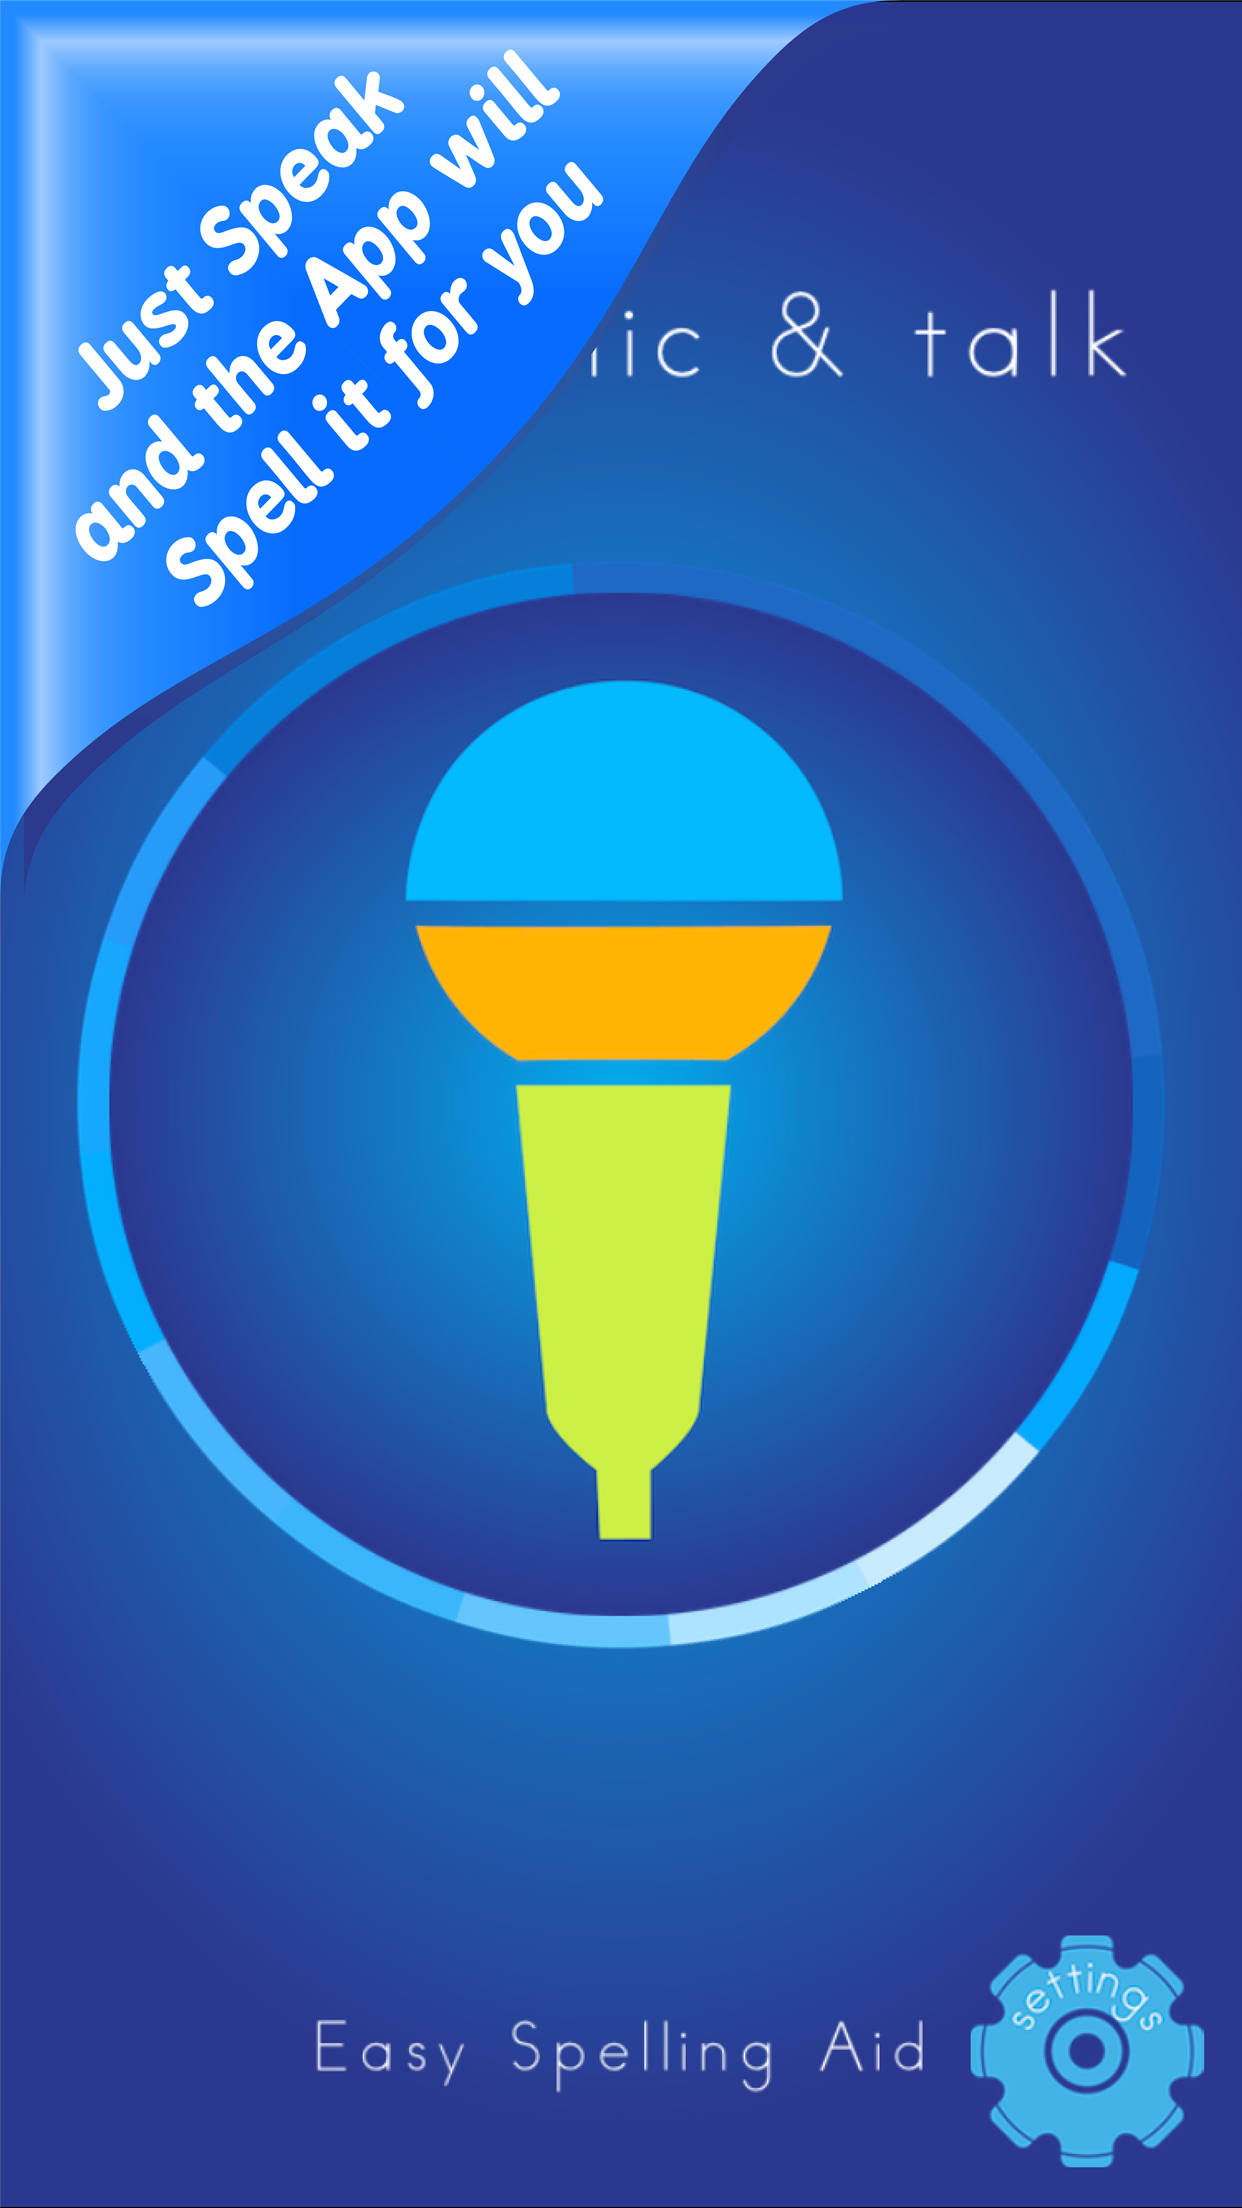 Easy Spelling Aid App - 2